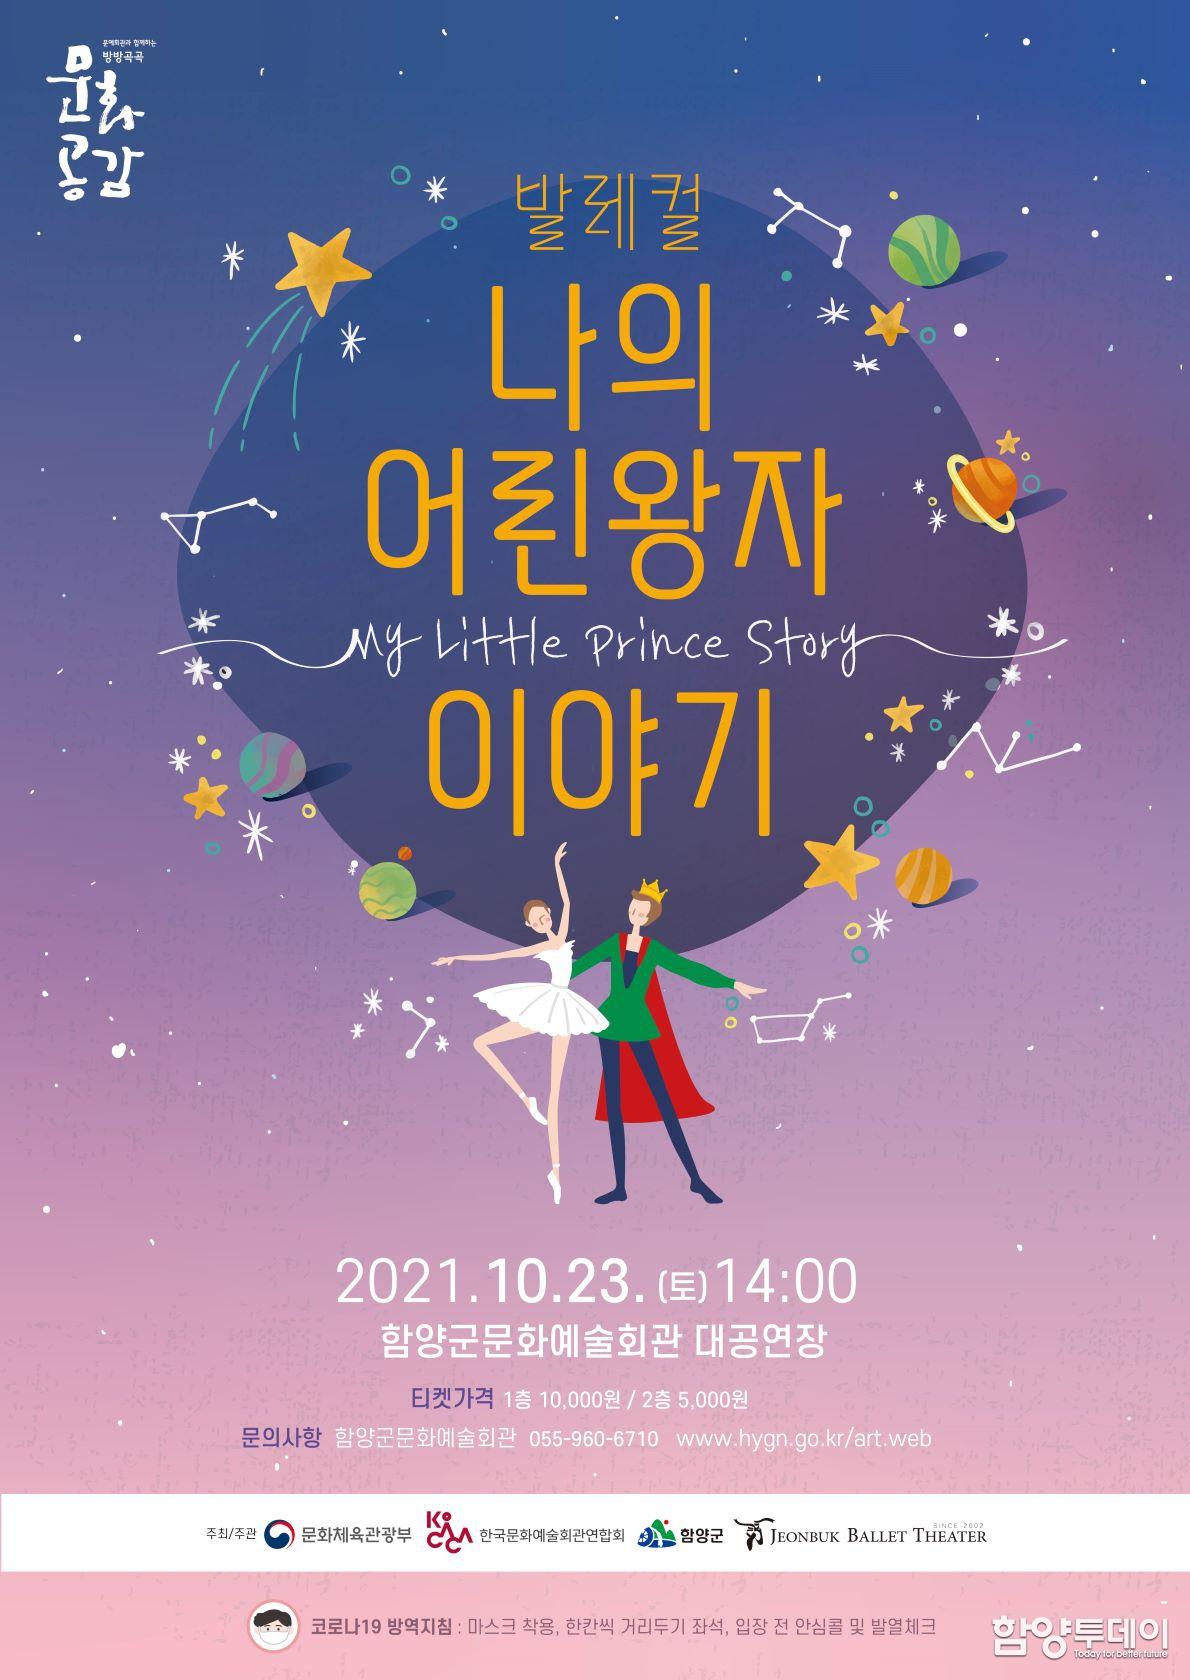 함양군문화예술회관, 발레컬 '나의 어린왕자 이야기' 개최